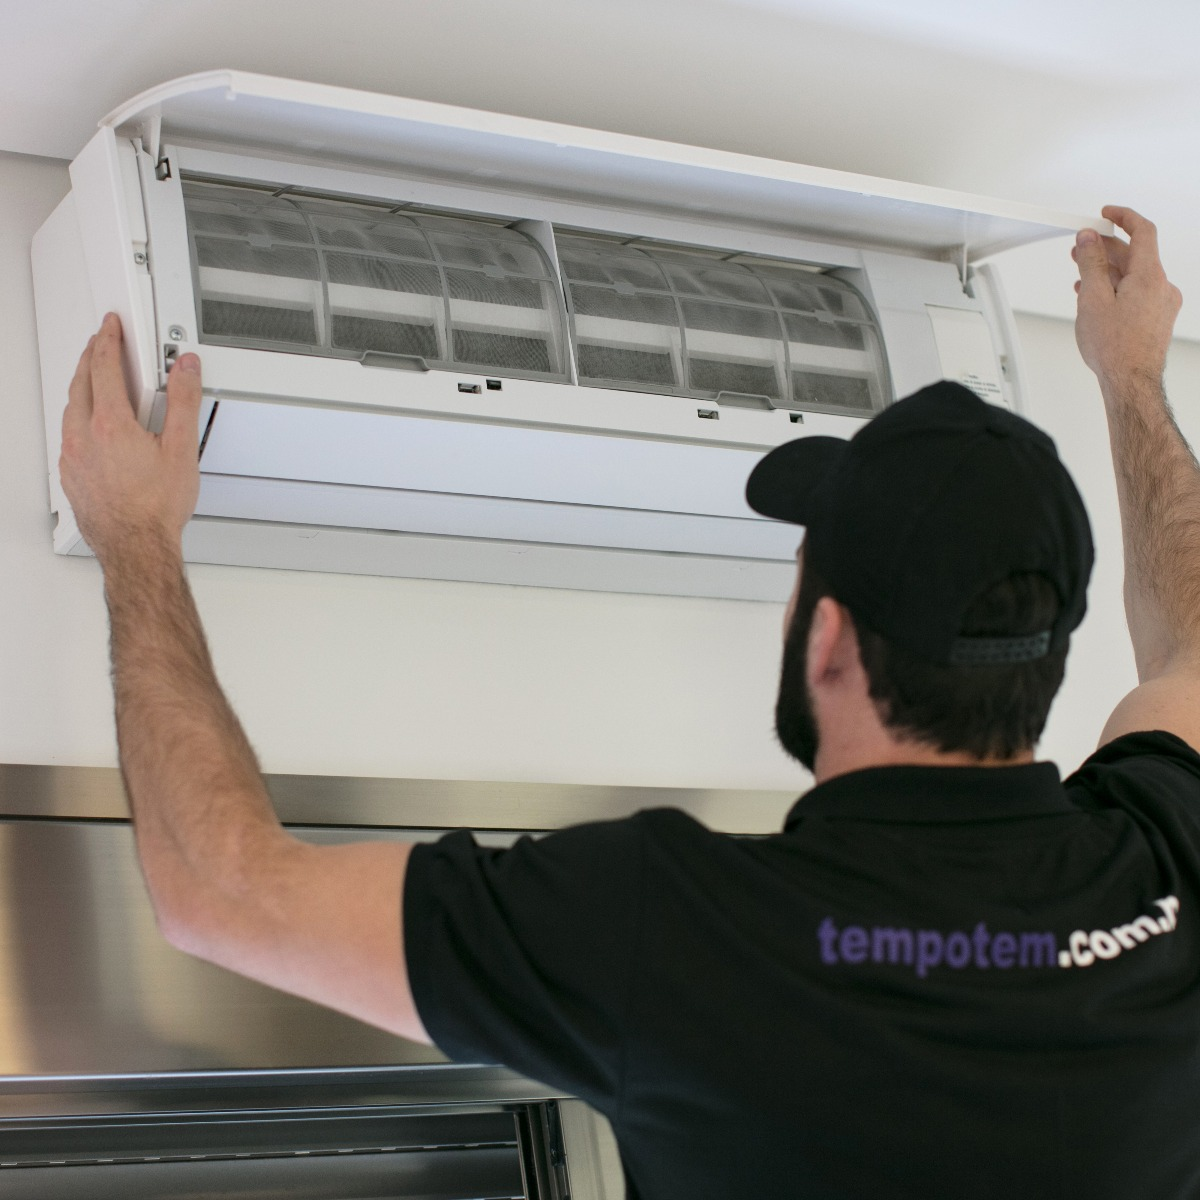 Equipe especializada em consultoria para instalação de ar-condicionado